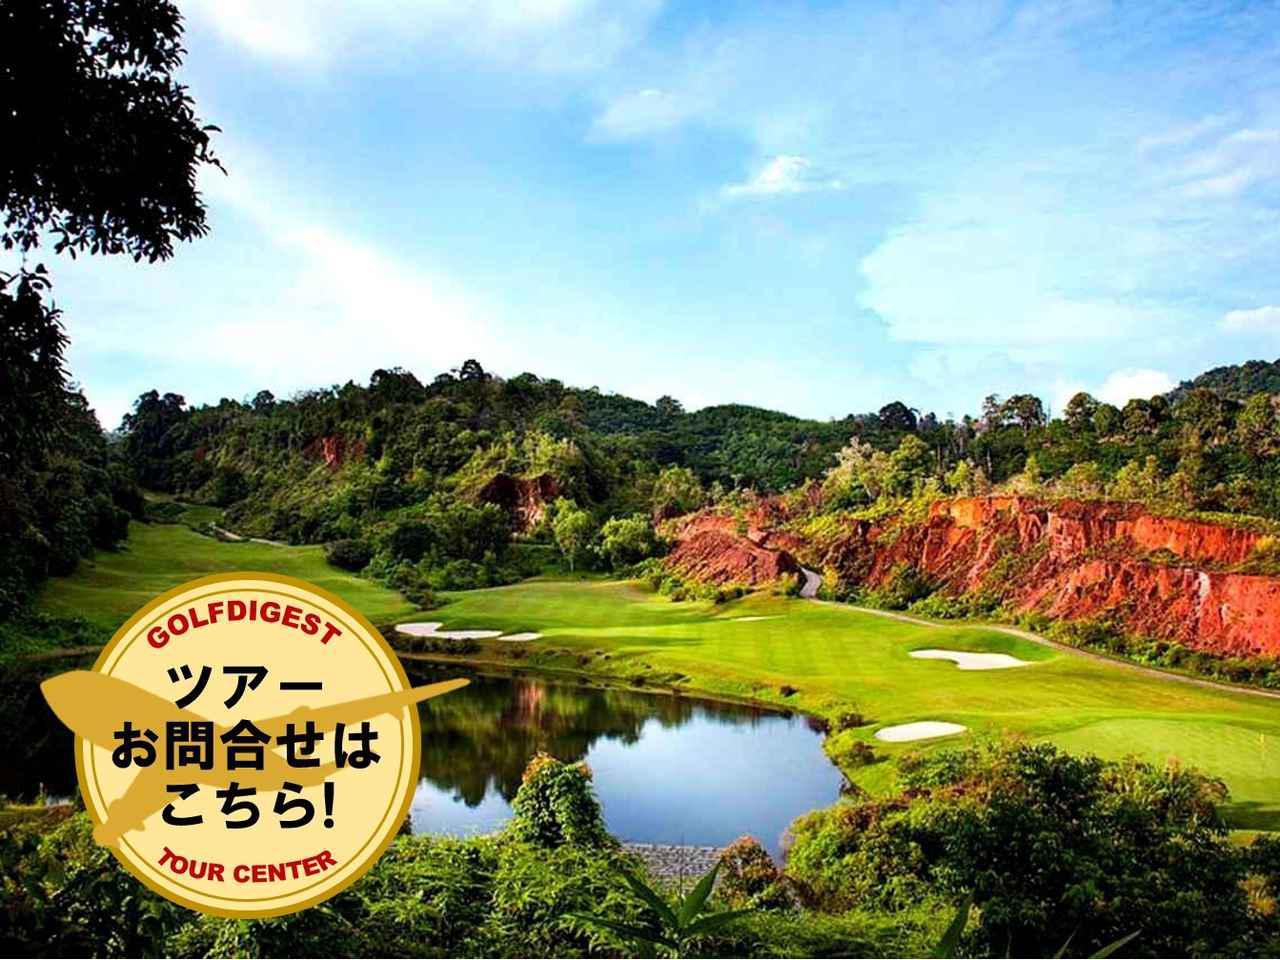 画像: 【タイ・プーケット】南国リゾートのおすすめゴルフコースから選んで2ラウンド 5日間旅行 2プレー(現地係員案内) - ゴルフへ行こうWEB by ゴルフダイジェスト